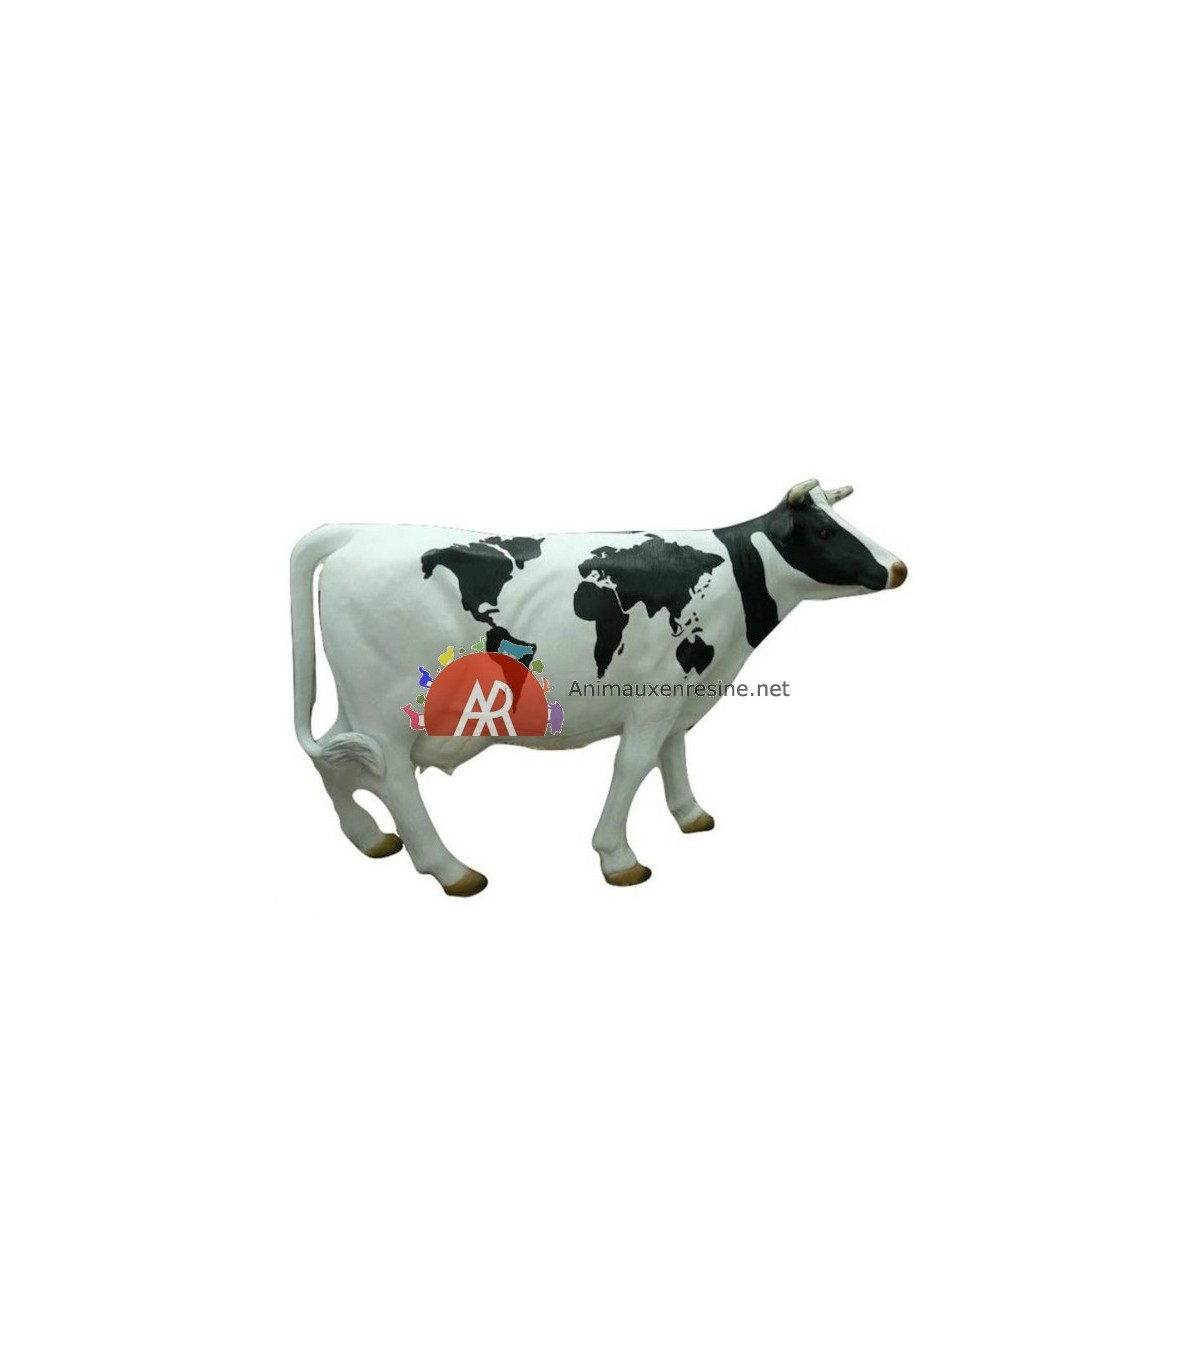 Vache Deco Jardin Mappemonde En Résine   Animauxenresine tout Nain De Jardin Fuck